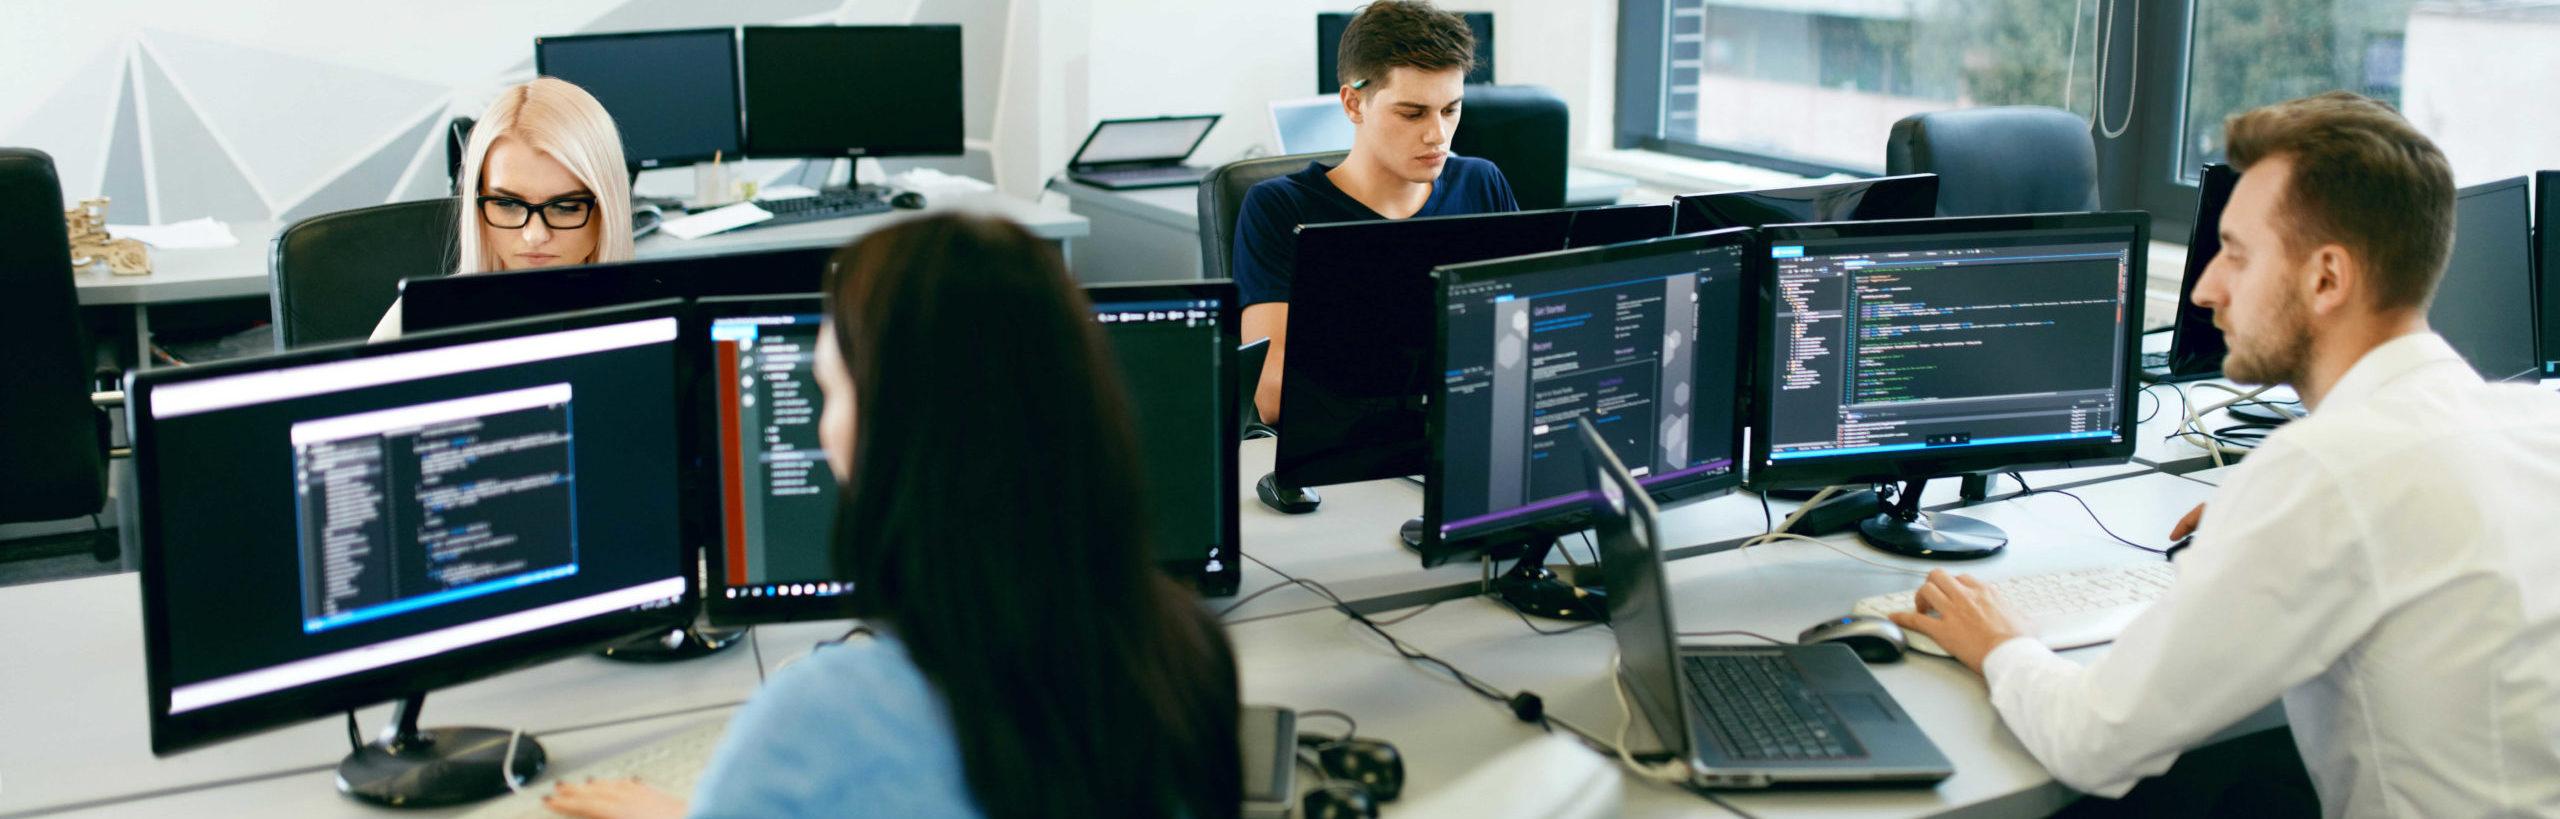 équipe de programmeurs travaillant ssur leurs ordinateurs